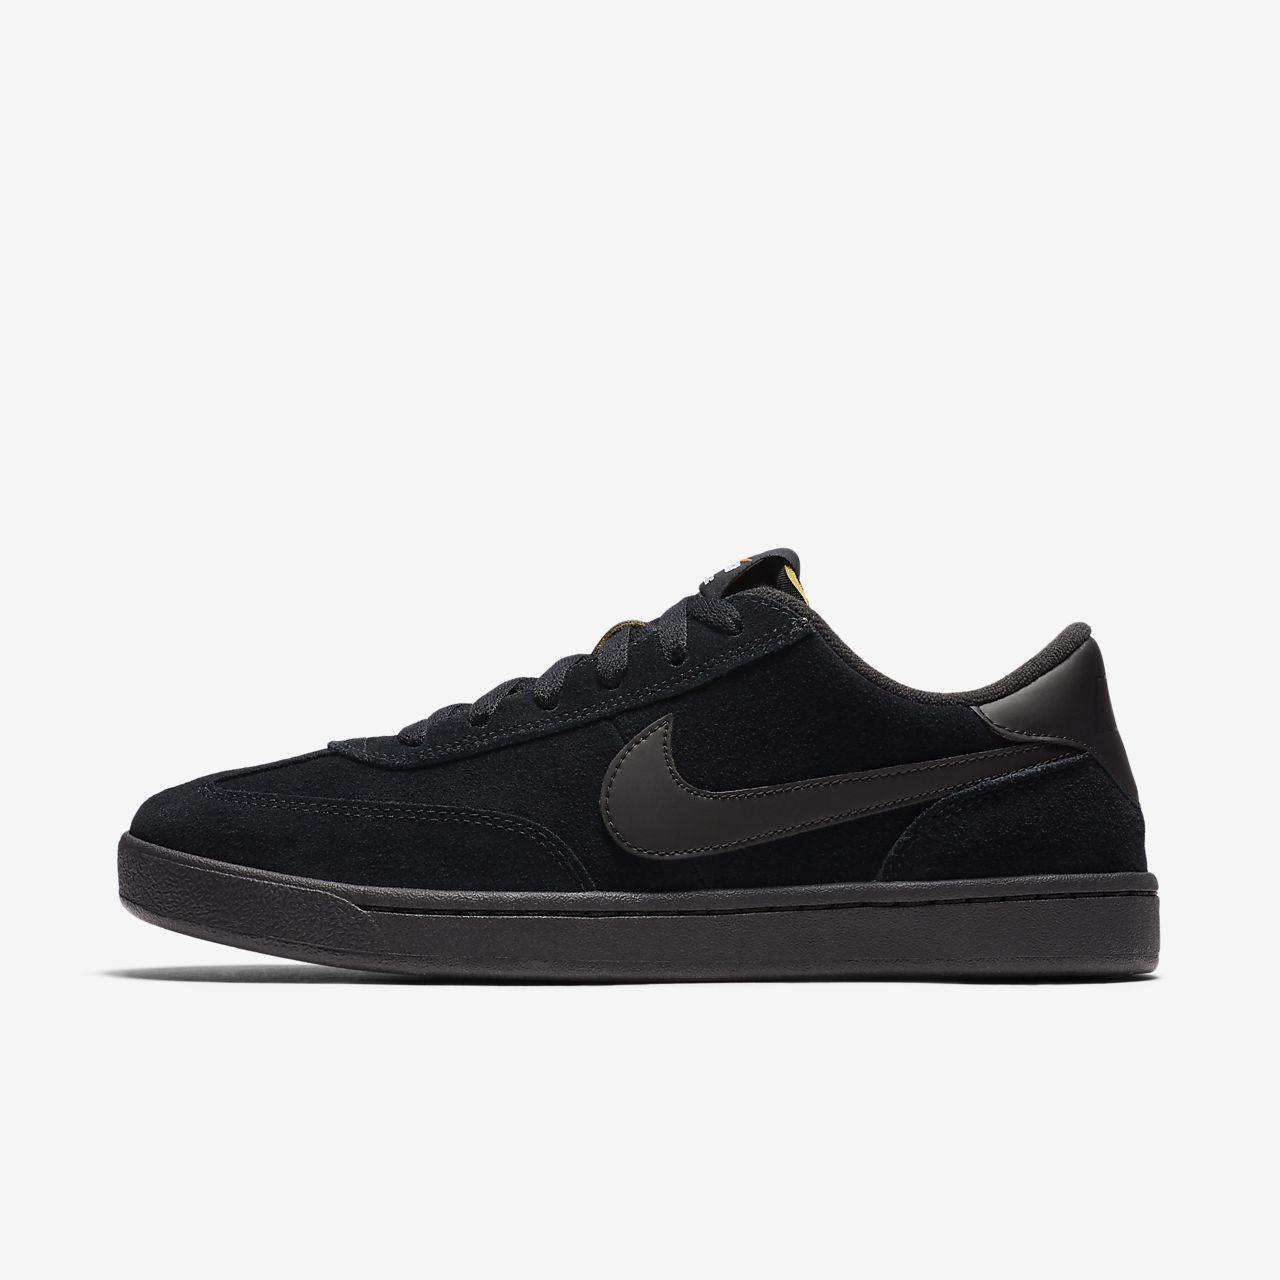 Da Uomo Nike SB Fc Classic Suede sintetico nero con logo Calzature Scarpe Da Ginnastica